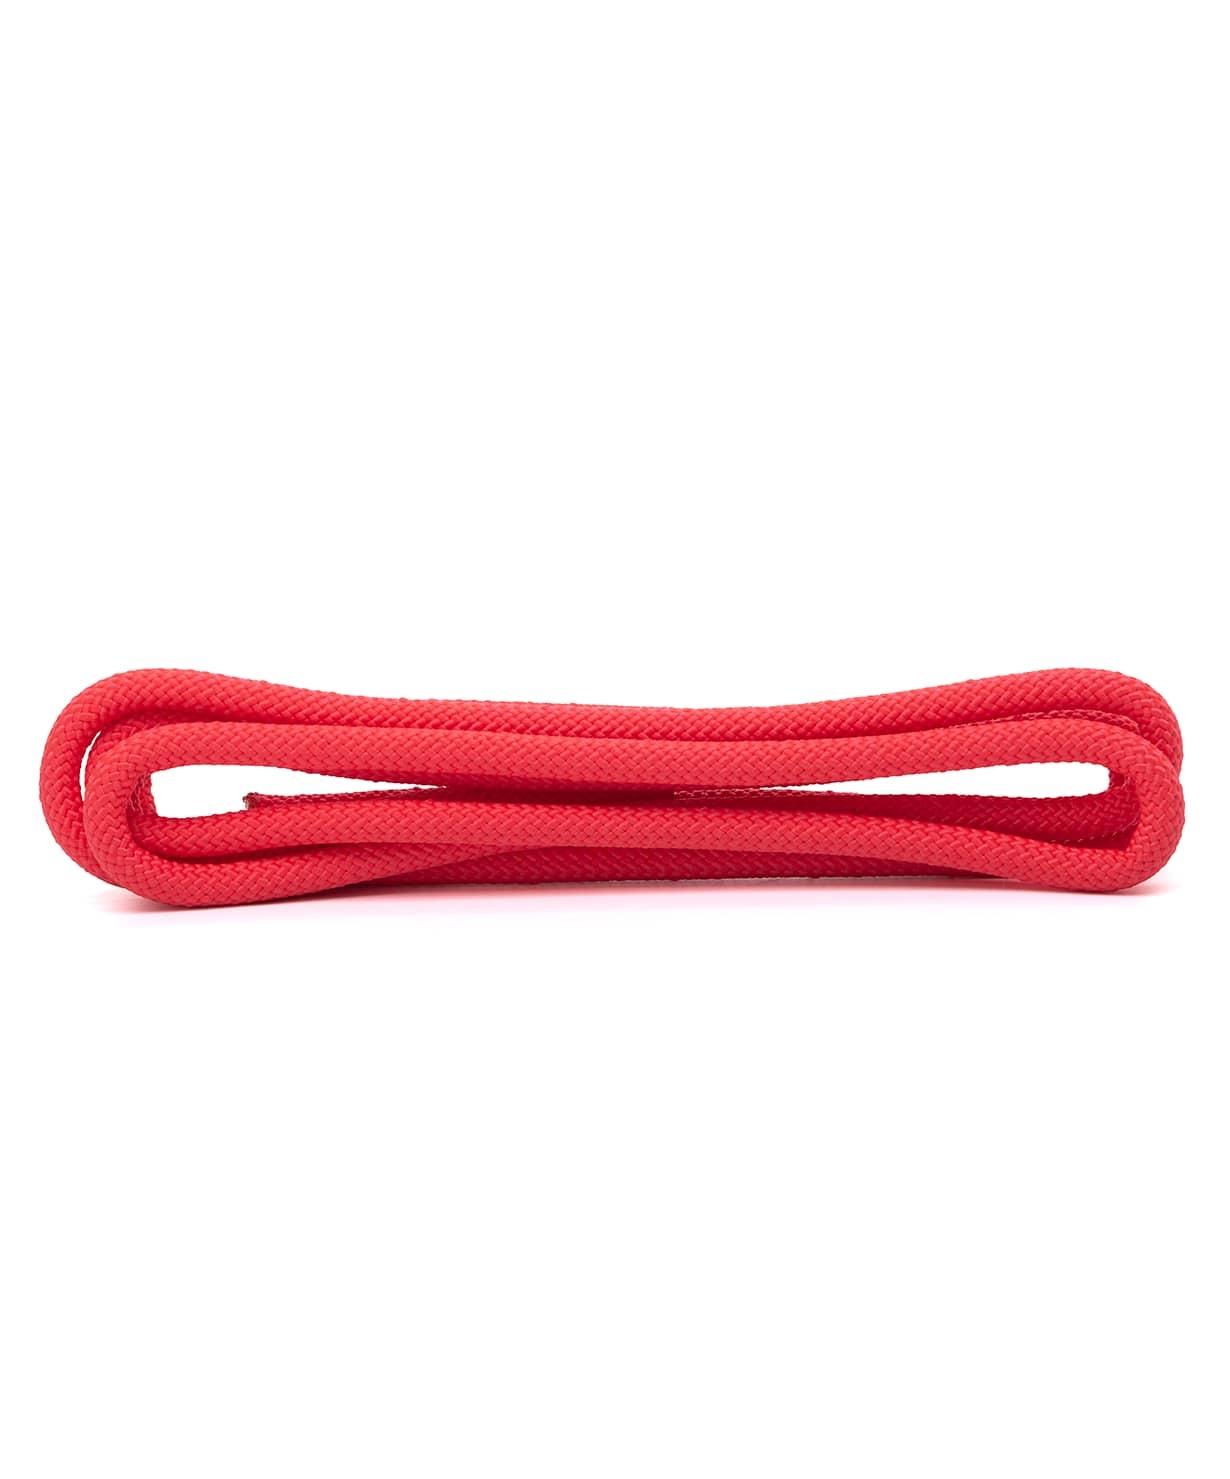 Скакалка для художественной гимнастики RGJ-402, 3м, красный